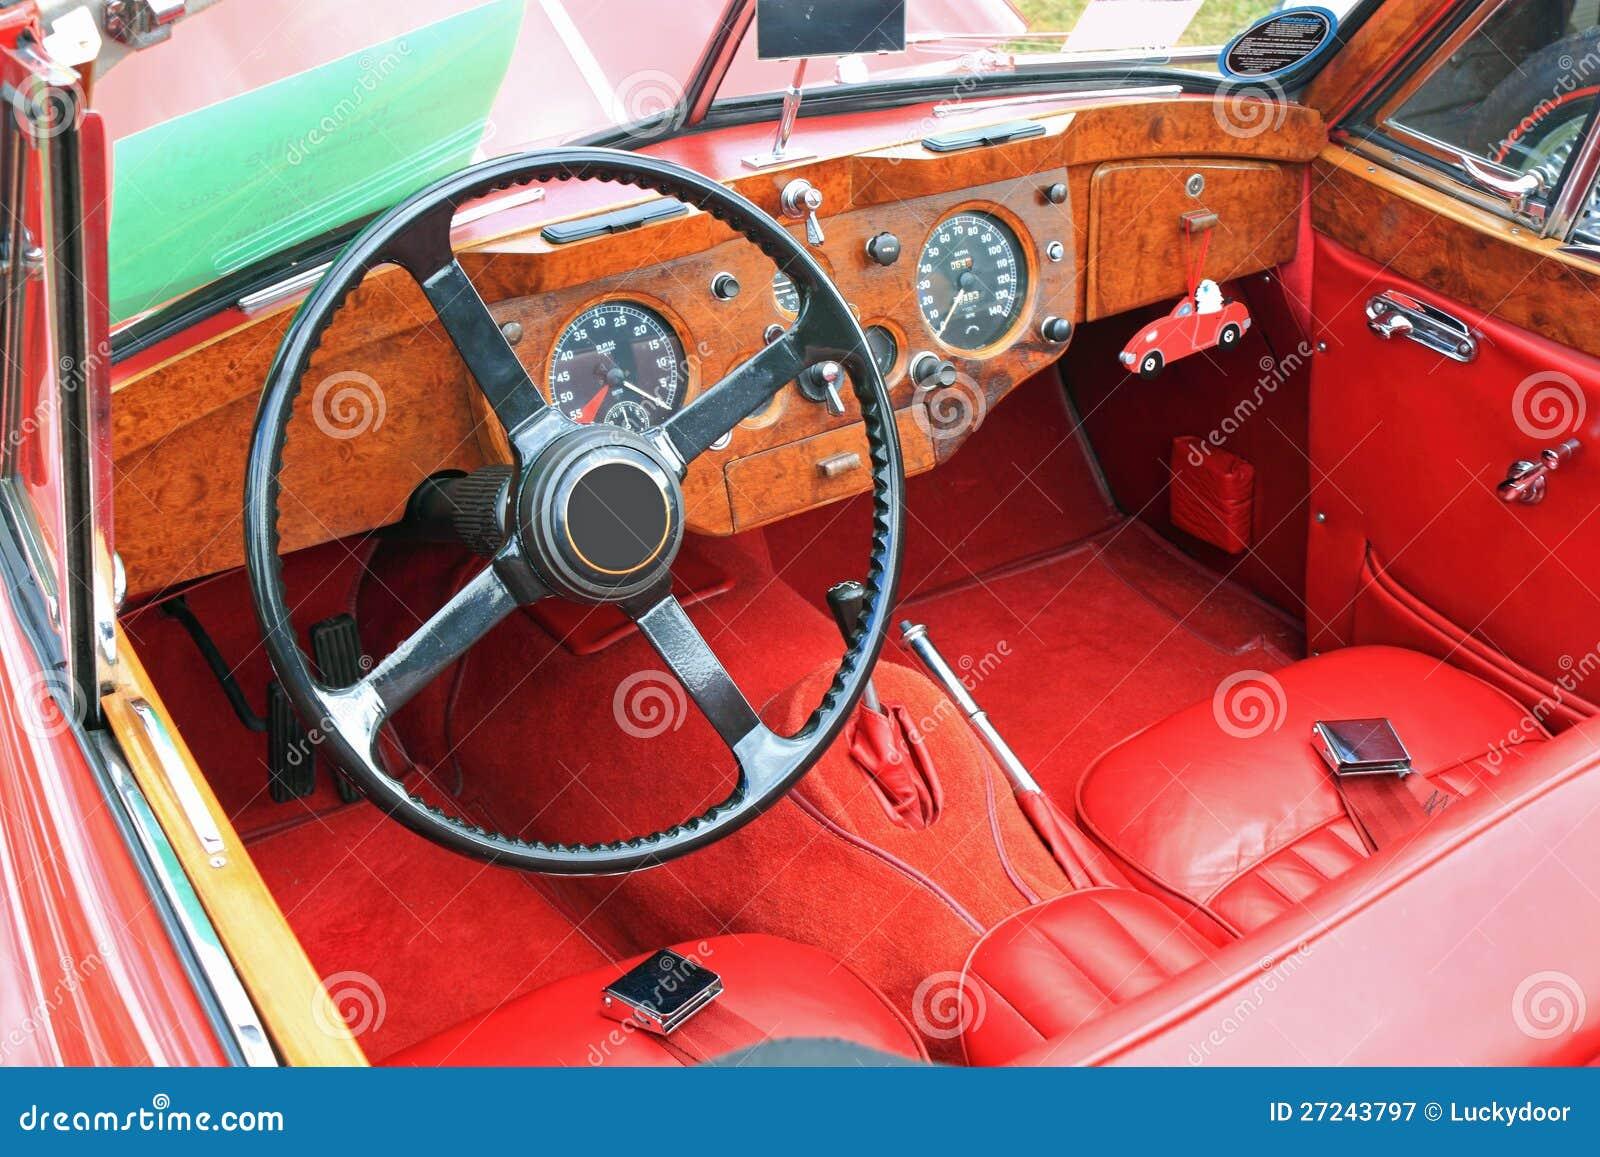 Antikes auto innenraum ansicht lizenzfreie stockfotografie for Innenraum designer programm